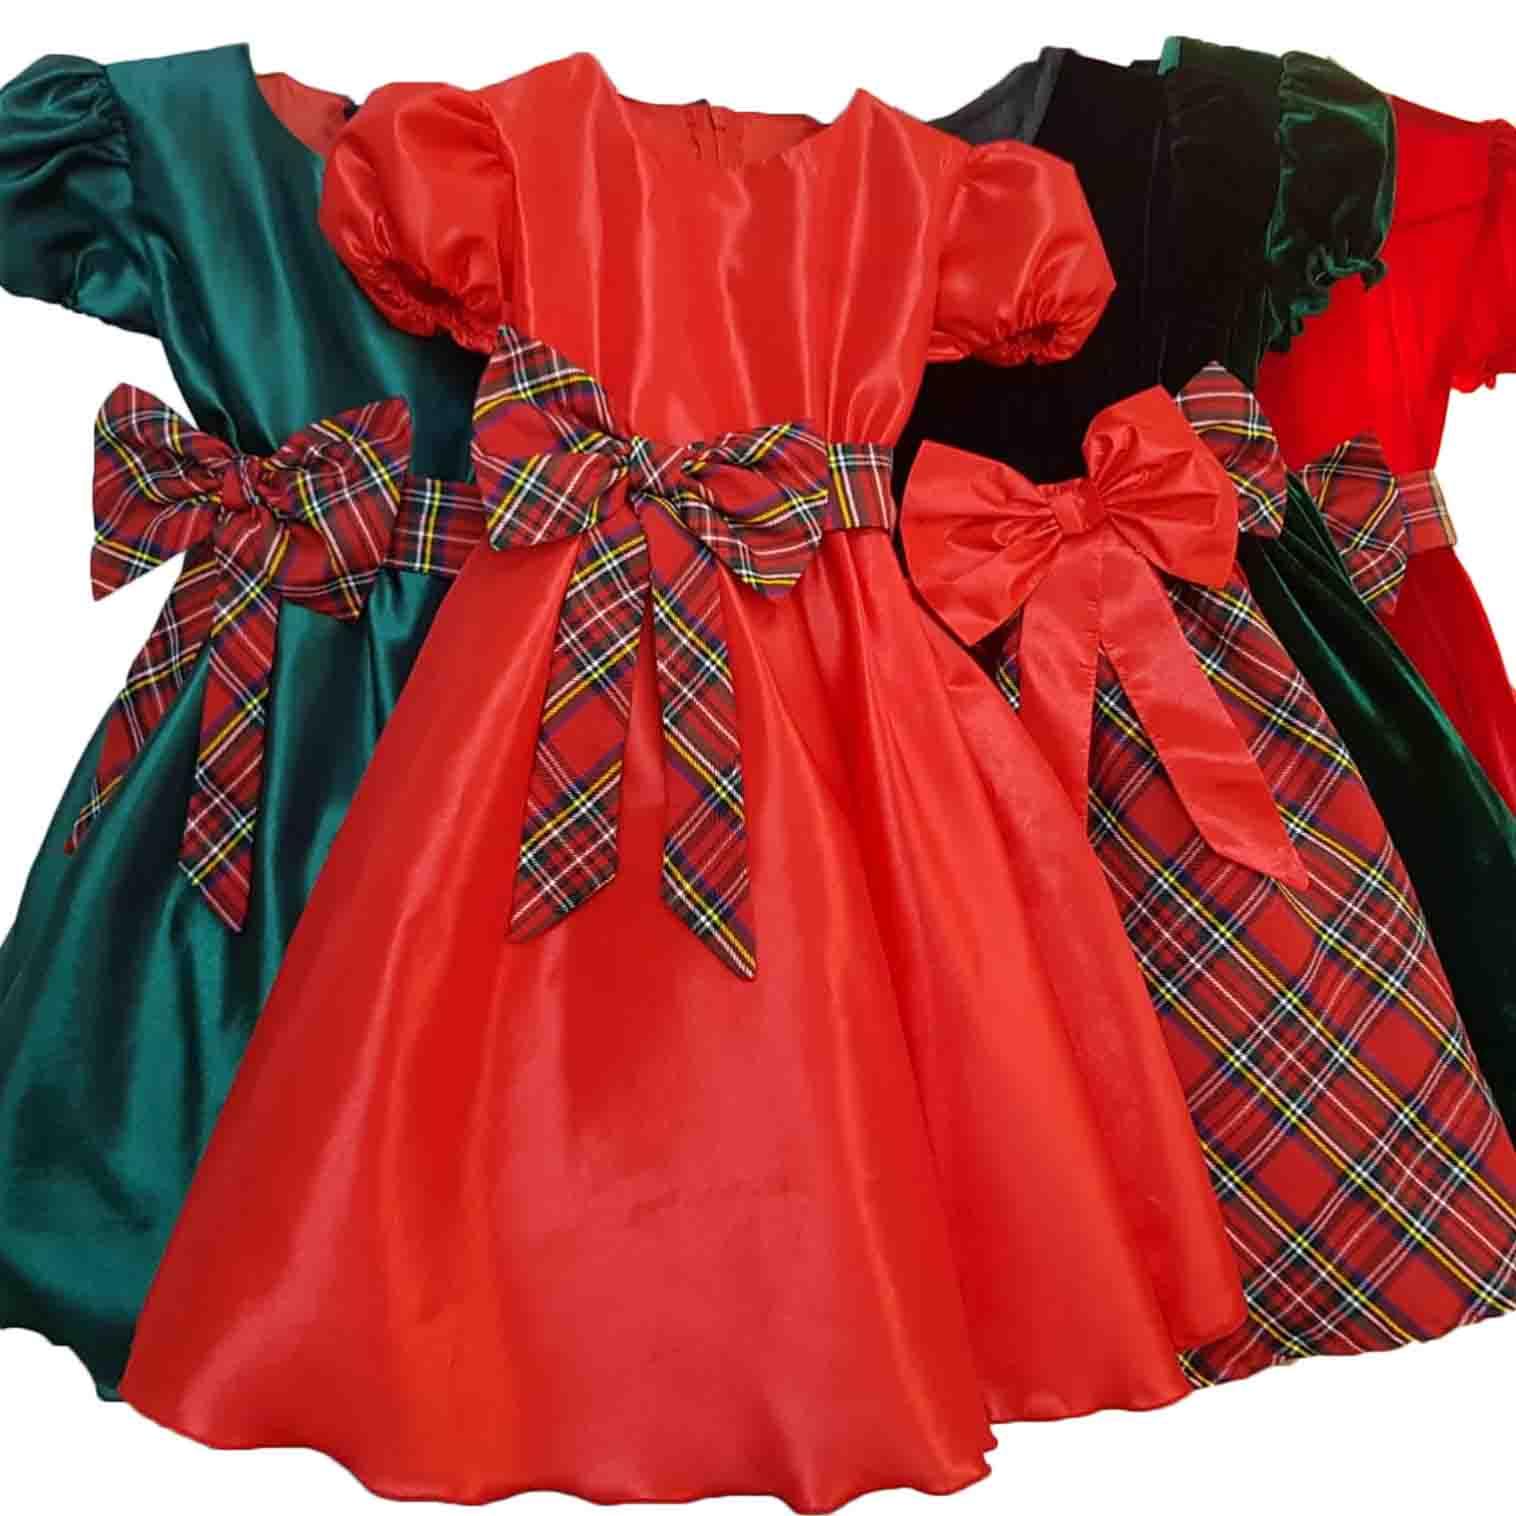 rochite diverse modele